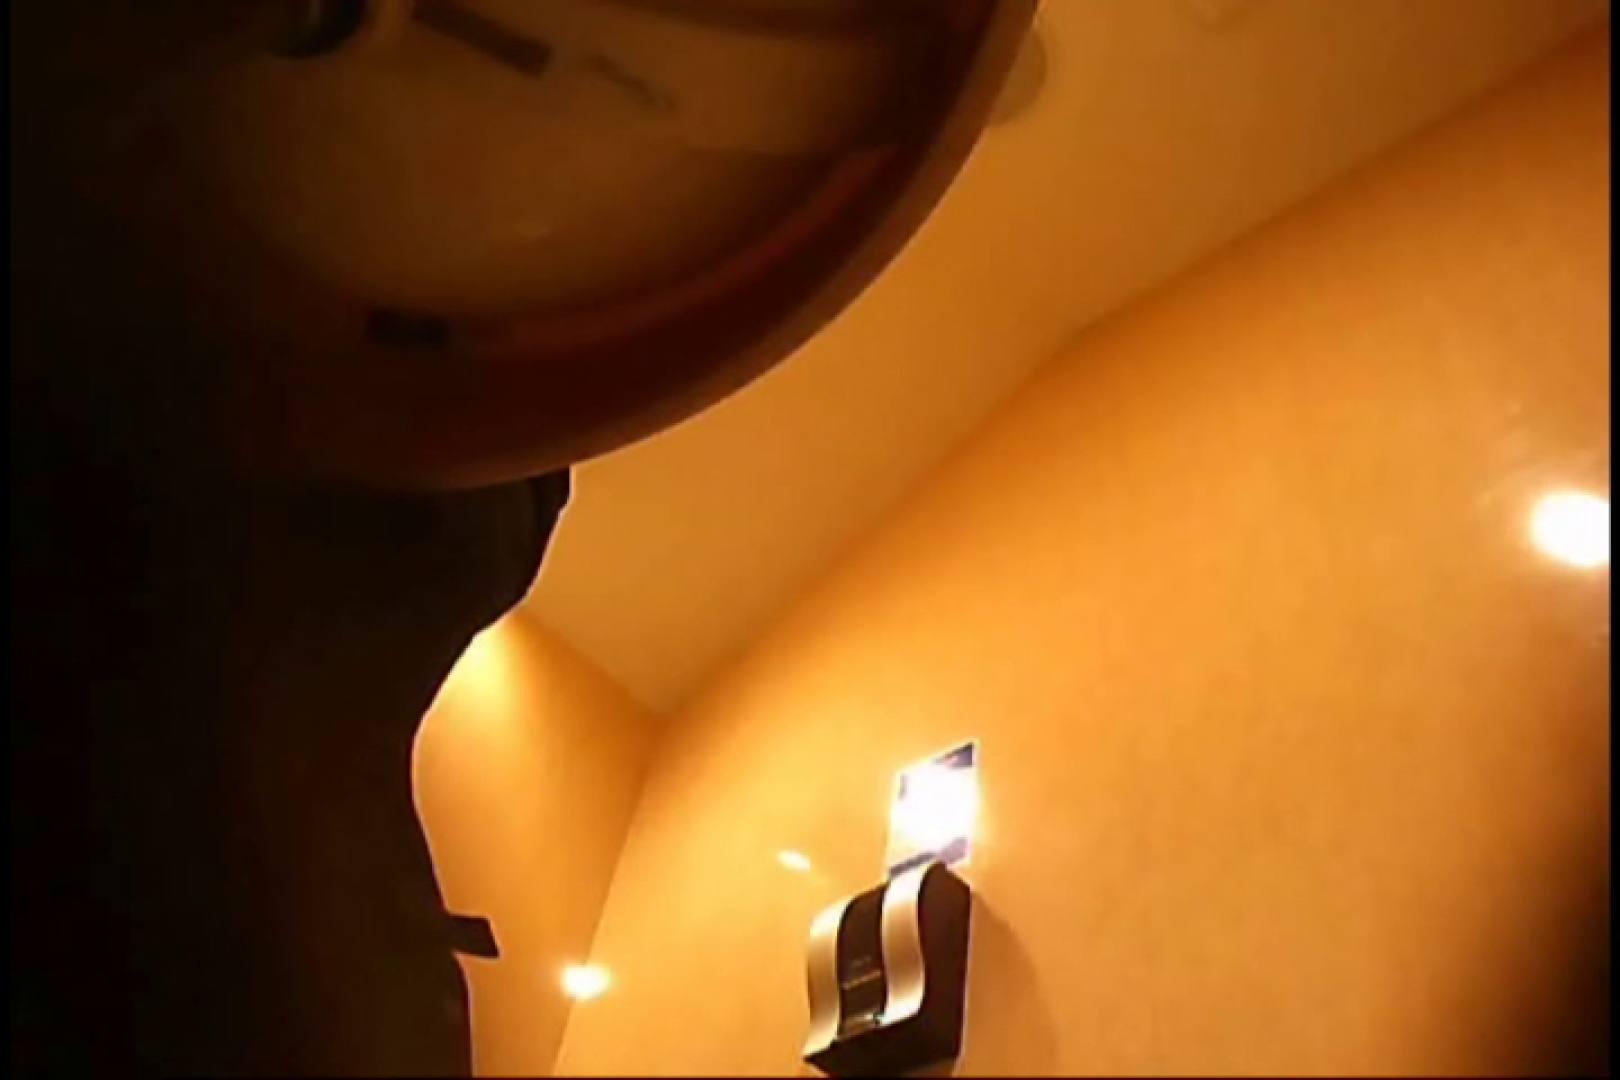 潜入!!女子化粧室盗撮~絶対見られたくない時間~vo,26 盗撮師作品 AV無料動画キャプチャ 102pic 52